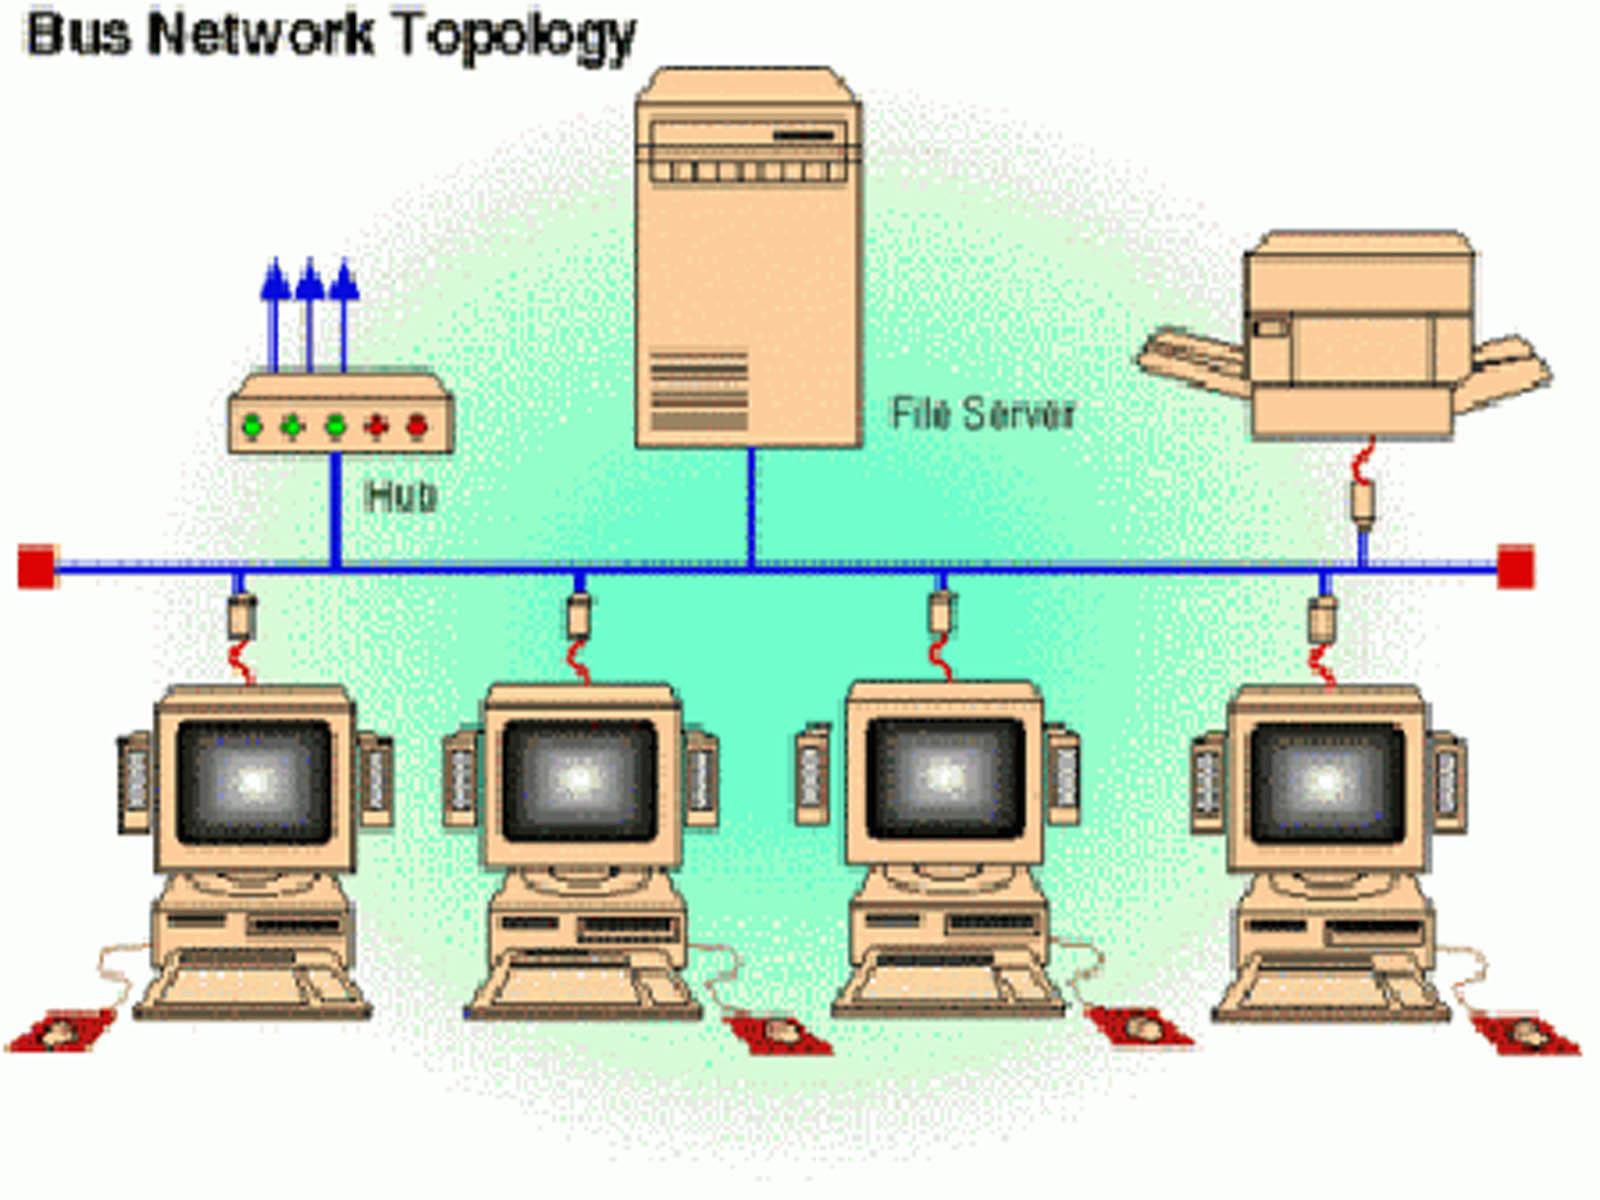 macam macam topologi jaringan pada komputer topolgoi bus